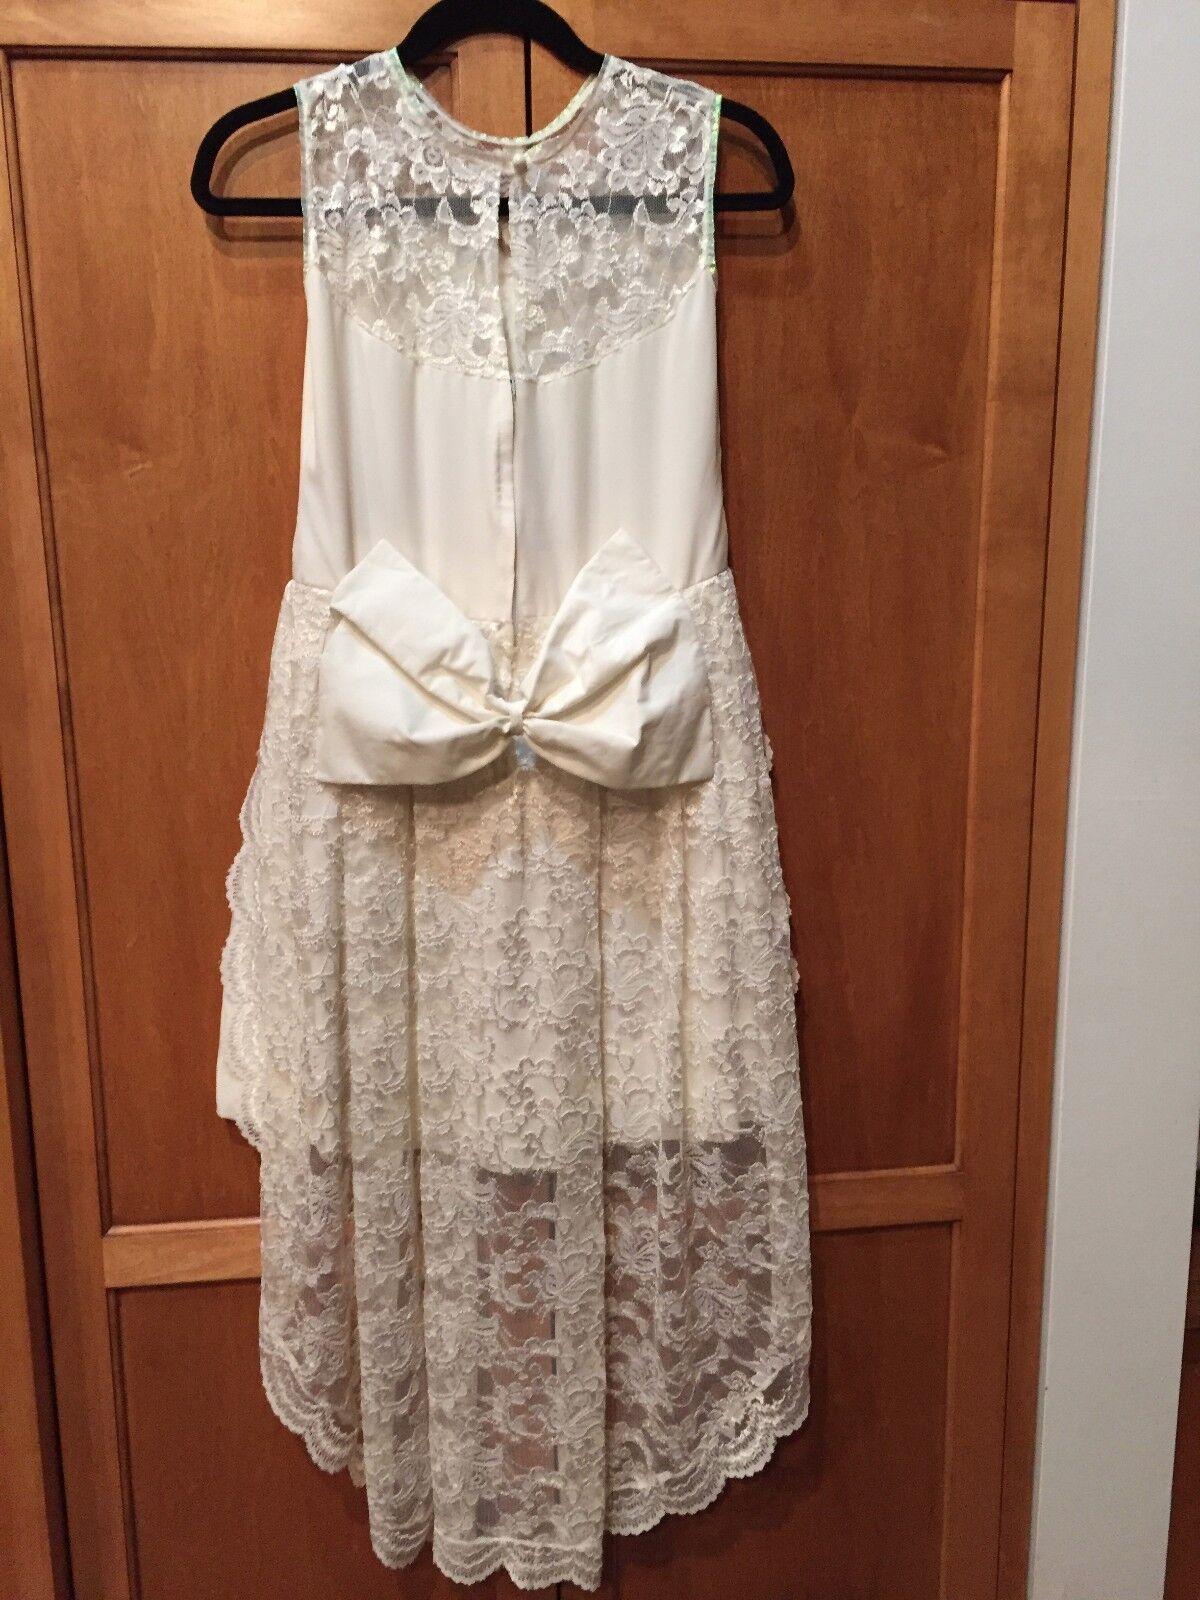 Vintage 60's Wedding Mini Dress - image 3